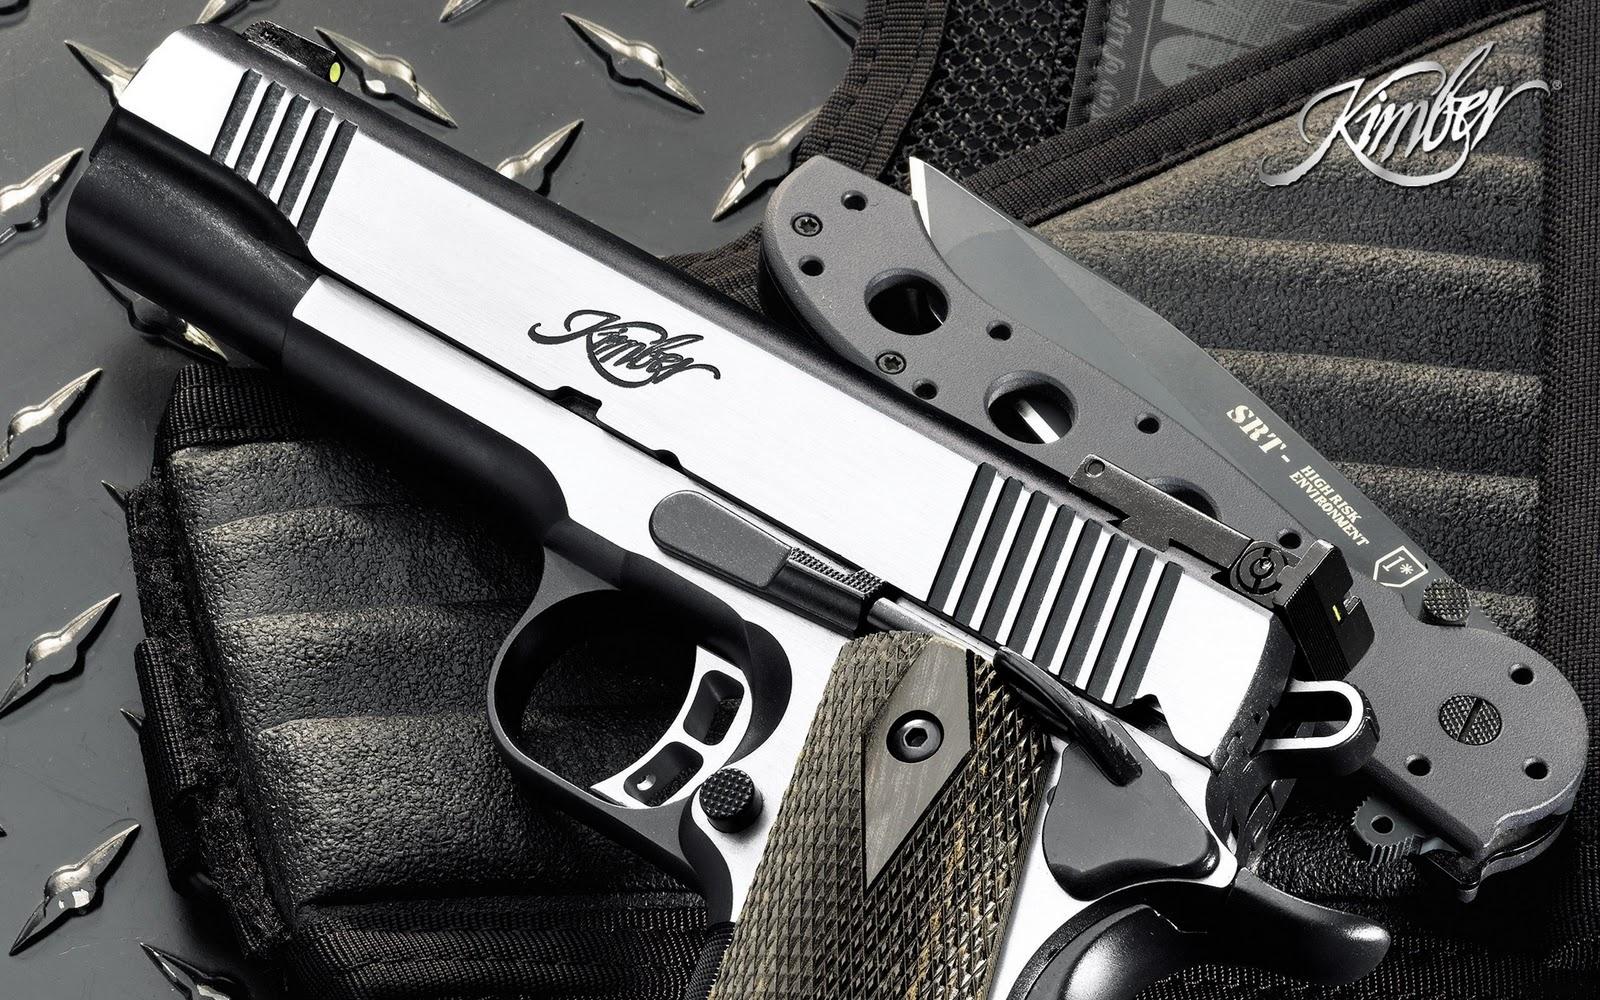 http://4.bp.blogspot.com/-k4WhOcia-kk/TdjnbPa3gII/AAAAAAAAAO8/iygY2oHoe9Y/s1600/gun%2Band%2Bknife%2Bhd%2Bwallpaper-2560x1600.jpg